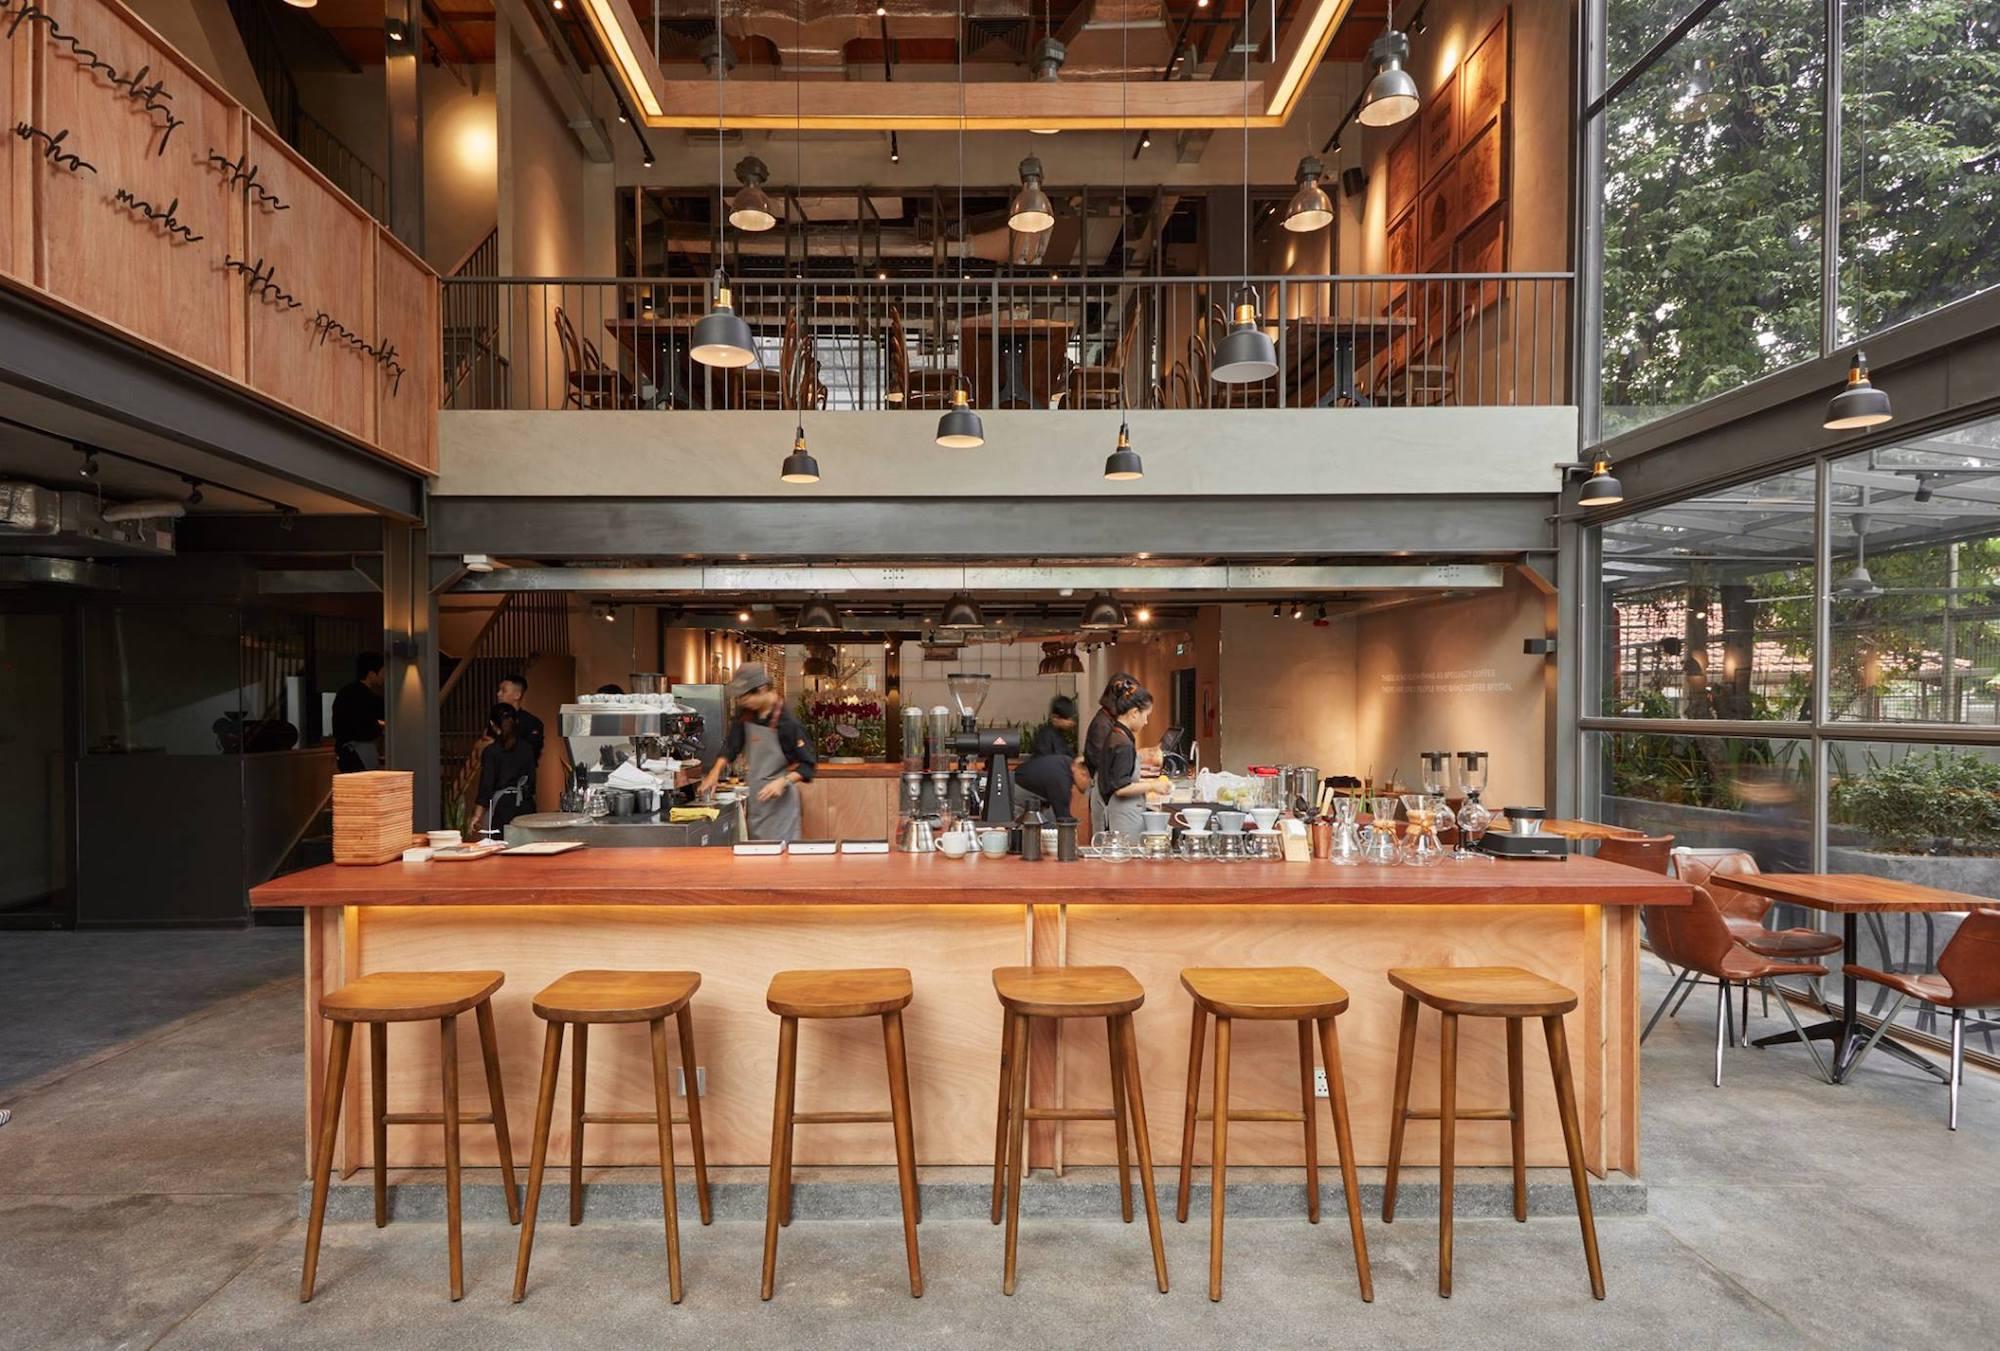 Làm sao ứng dụng vào chuỗi quán cà phê